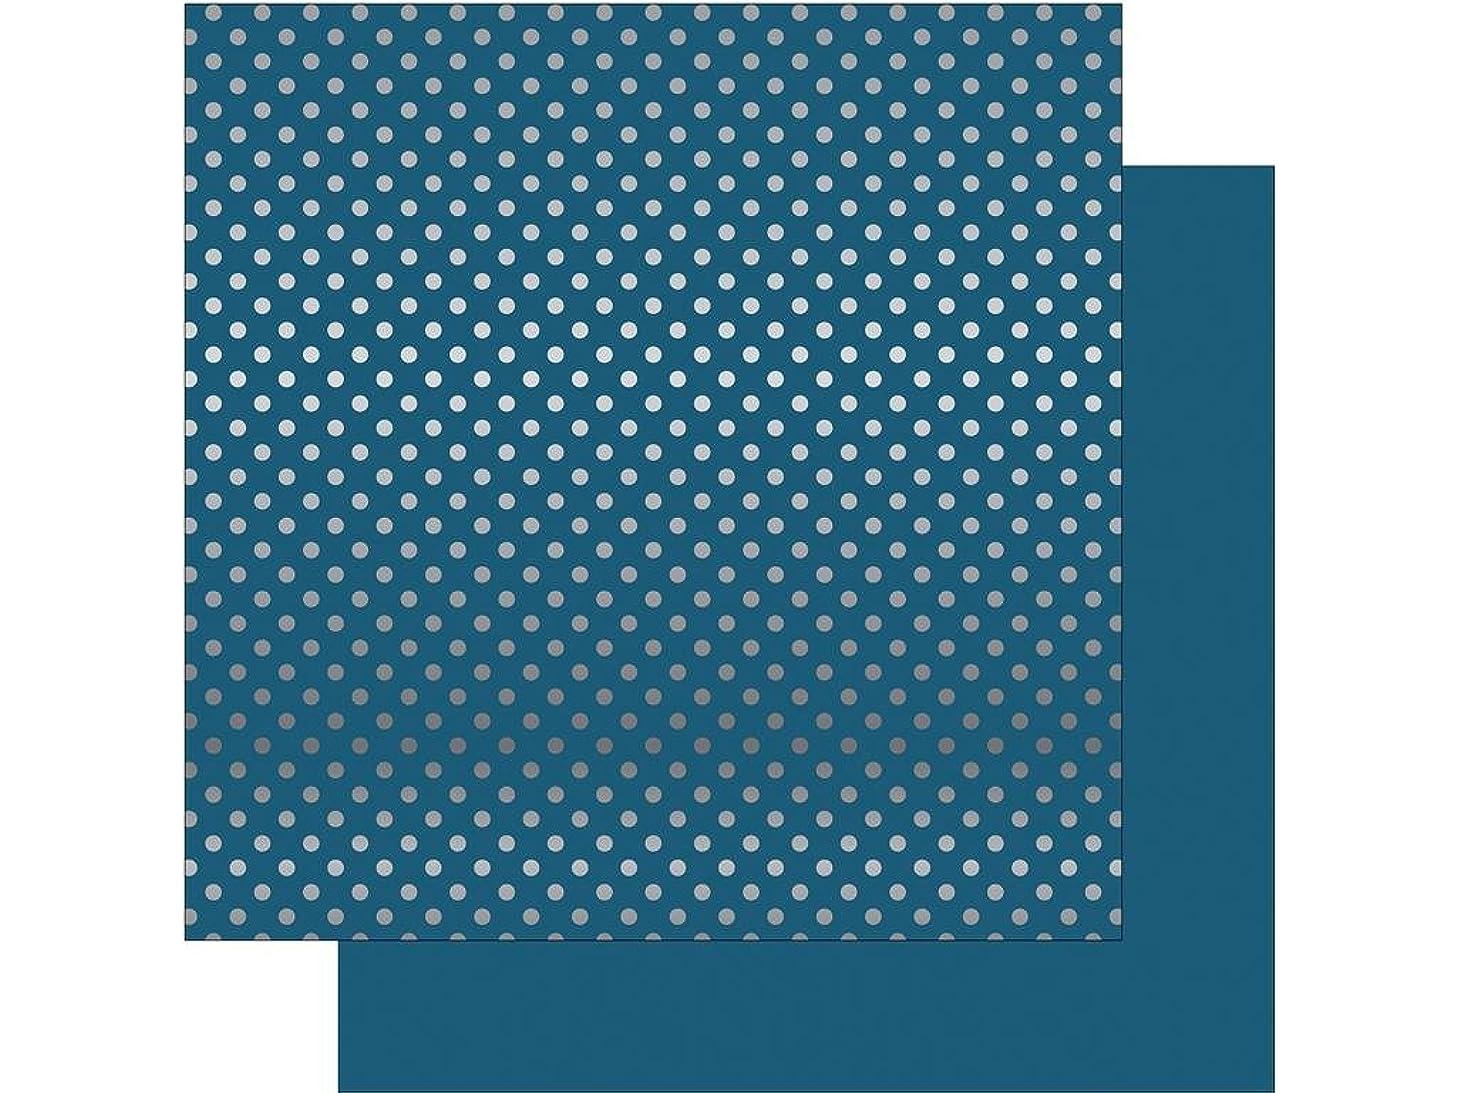 Echo Park Paper Company DS Dots&Stripes SlvrFoil Paper 12x12 Med Bl